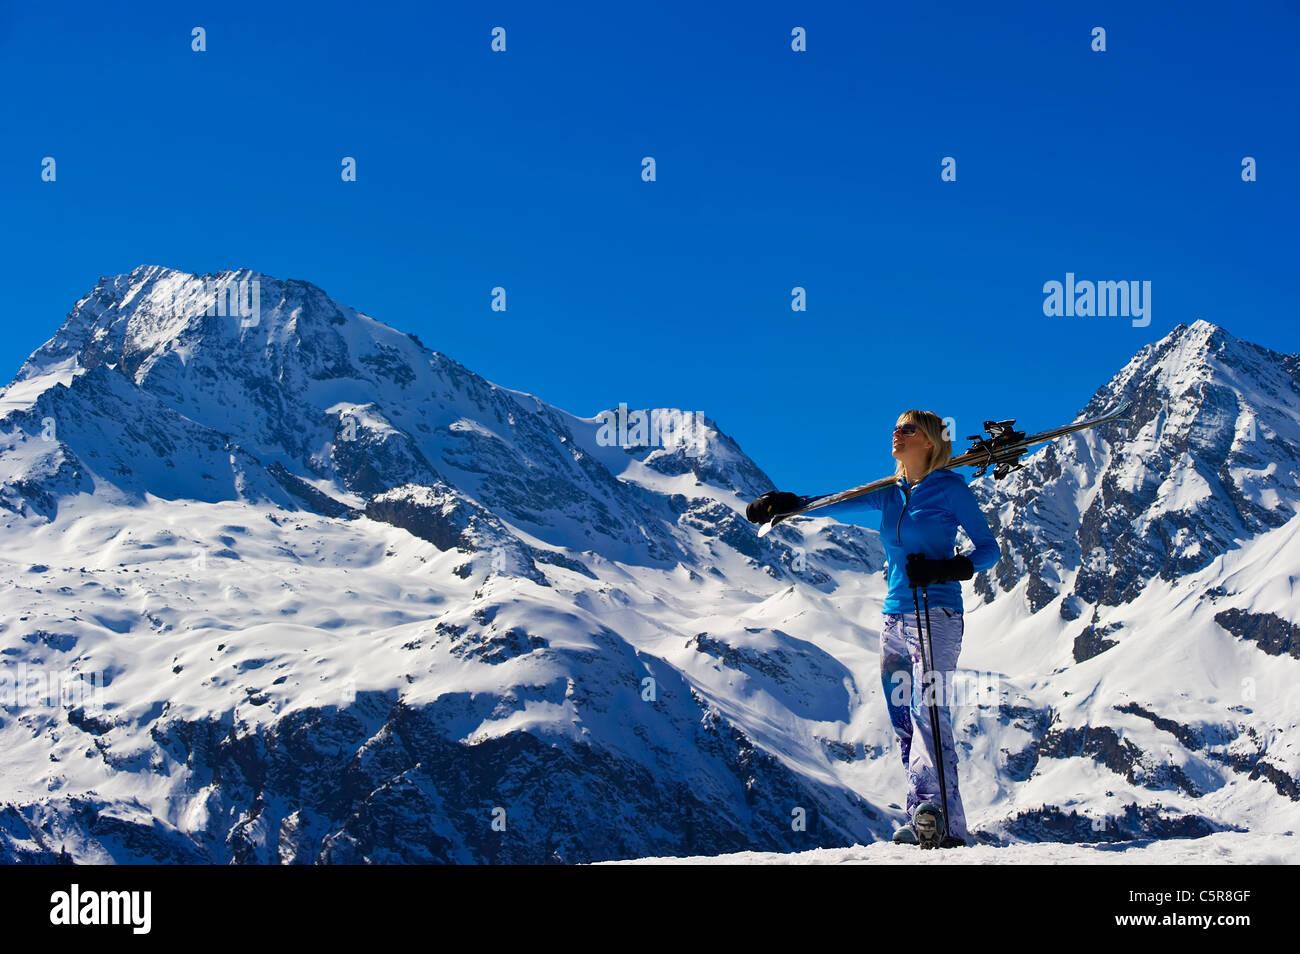 Une femme prend dans la neige à couper le souffle sur la montagne. Photo Stock